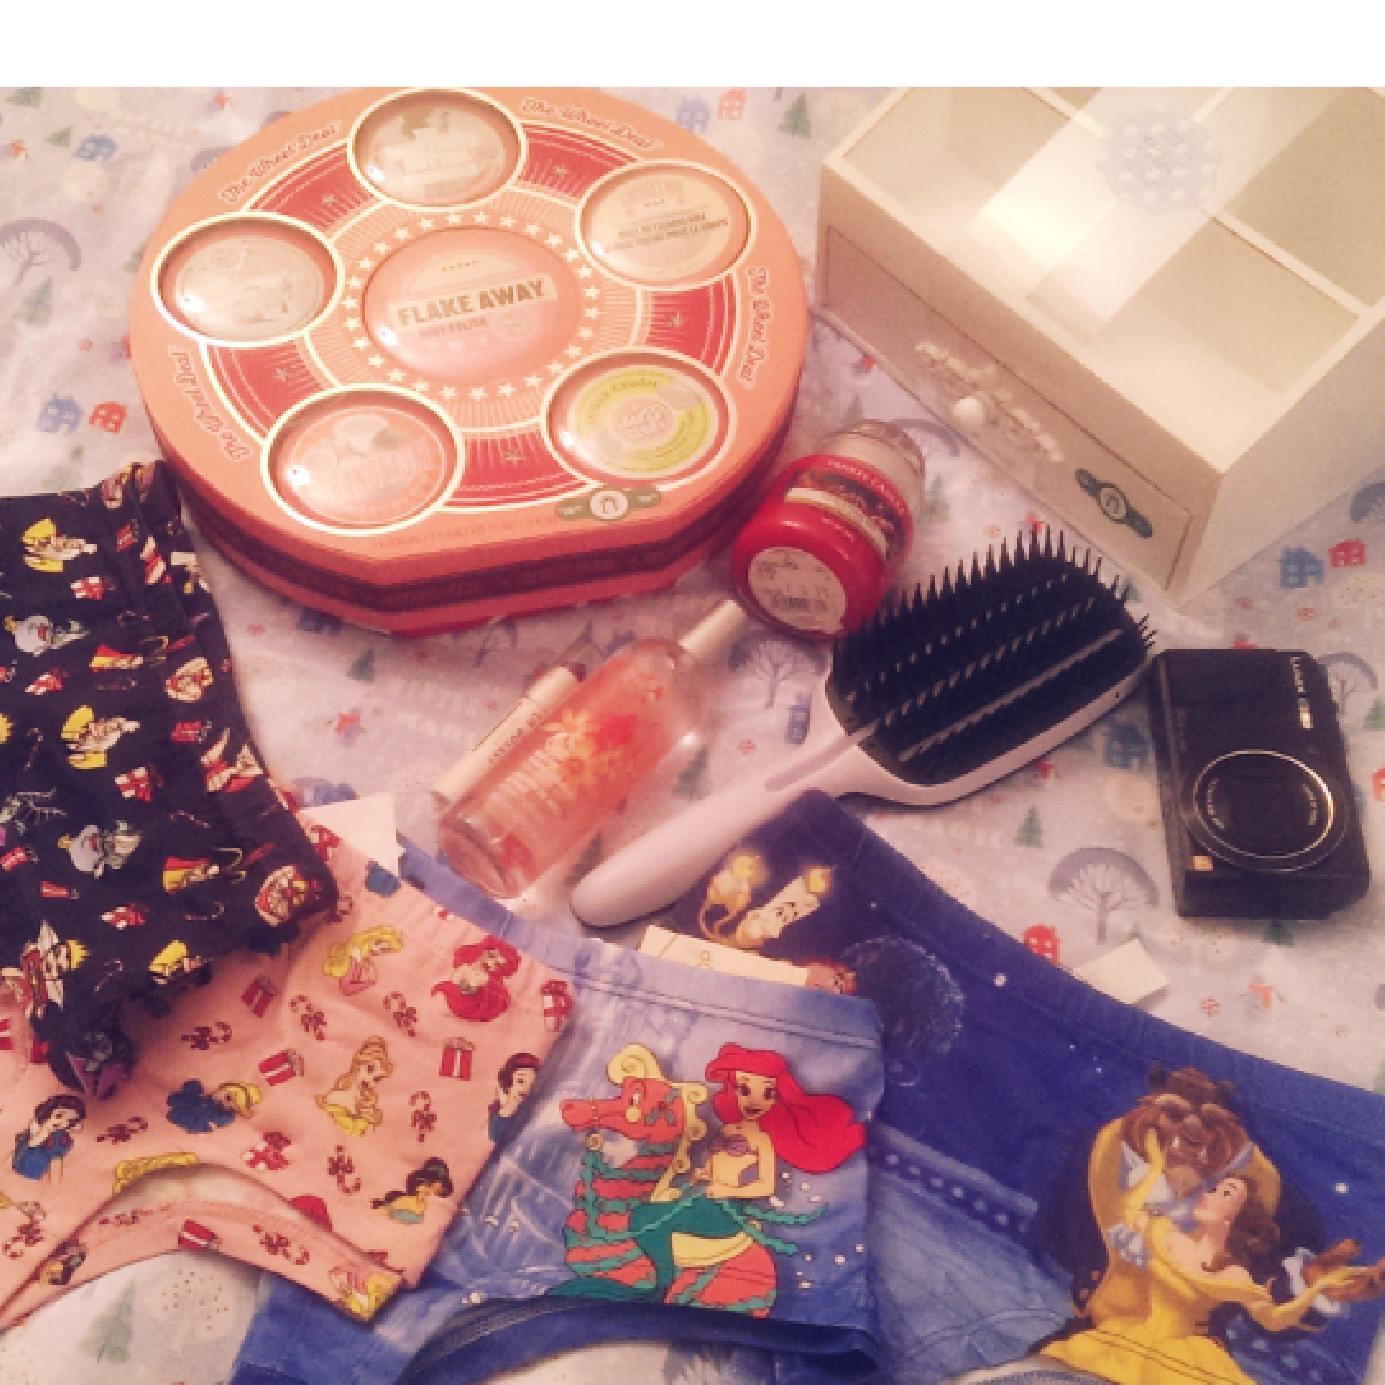 lebellelavie - Christmas Sales 2015 Shopping Haul